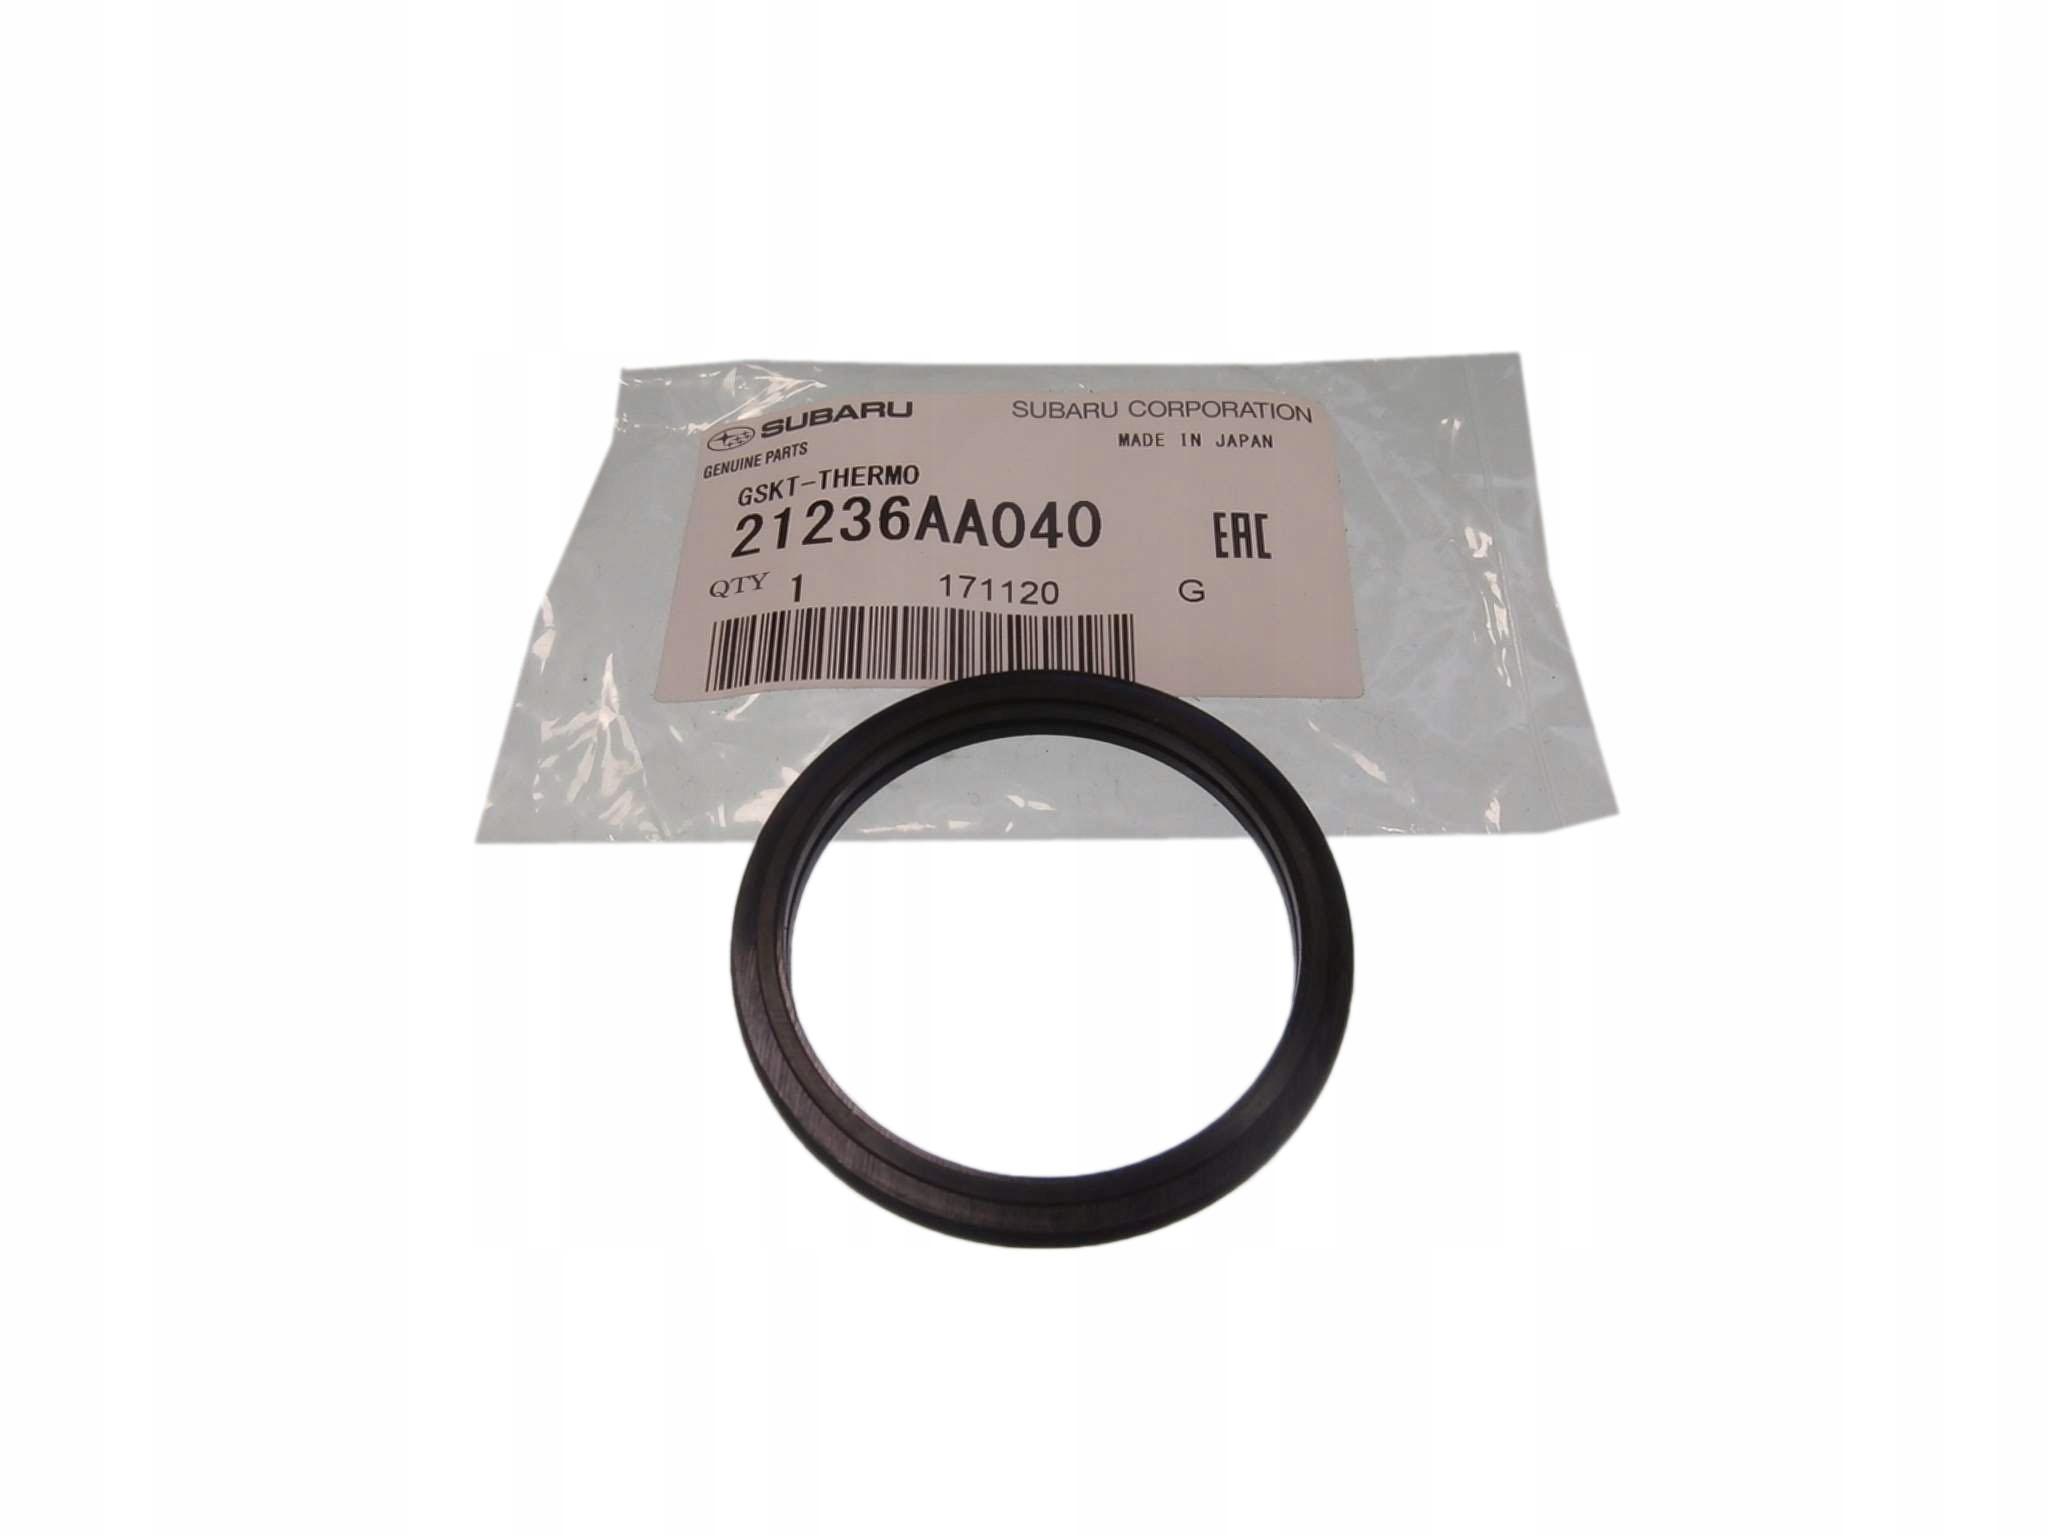 subaru уплотнительное кольцо прокладка термостата nagerzewnicy